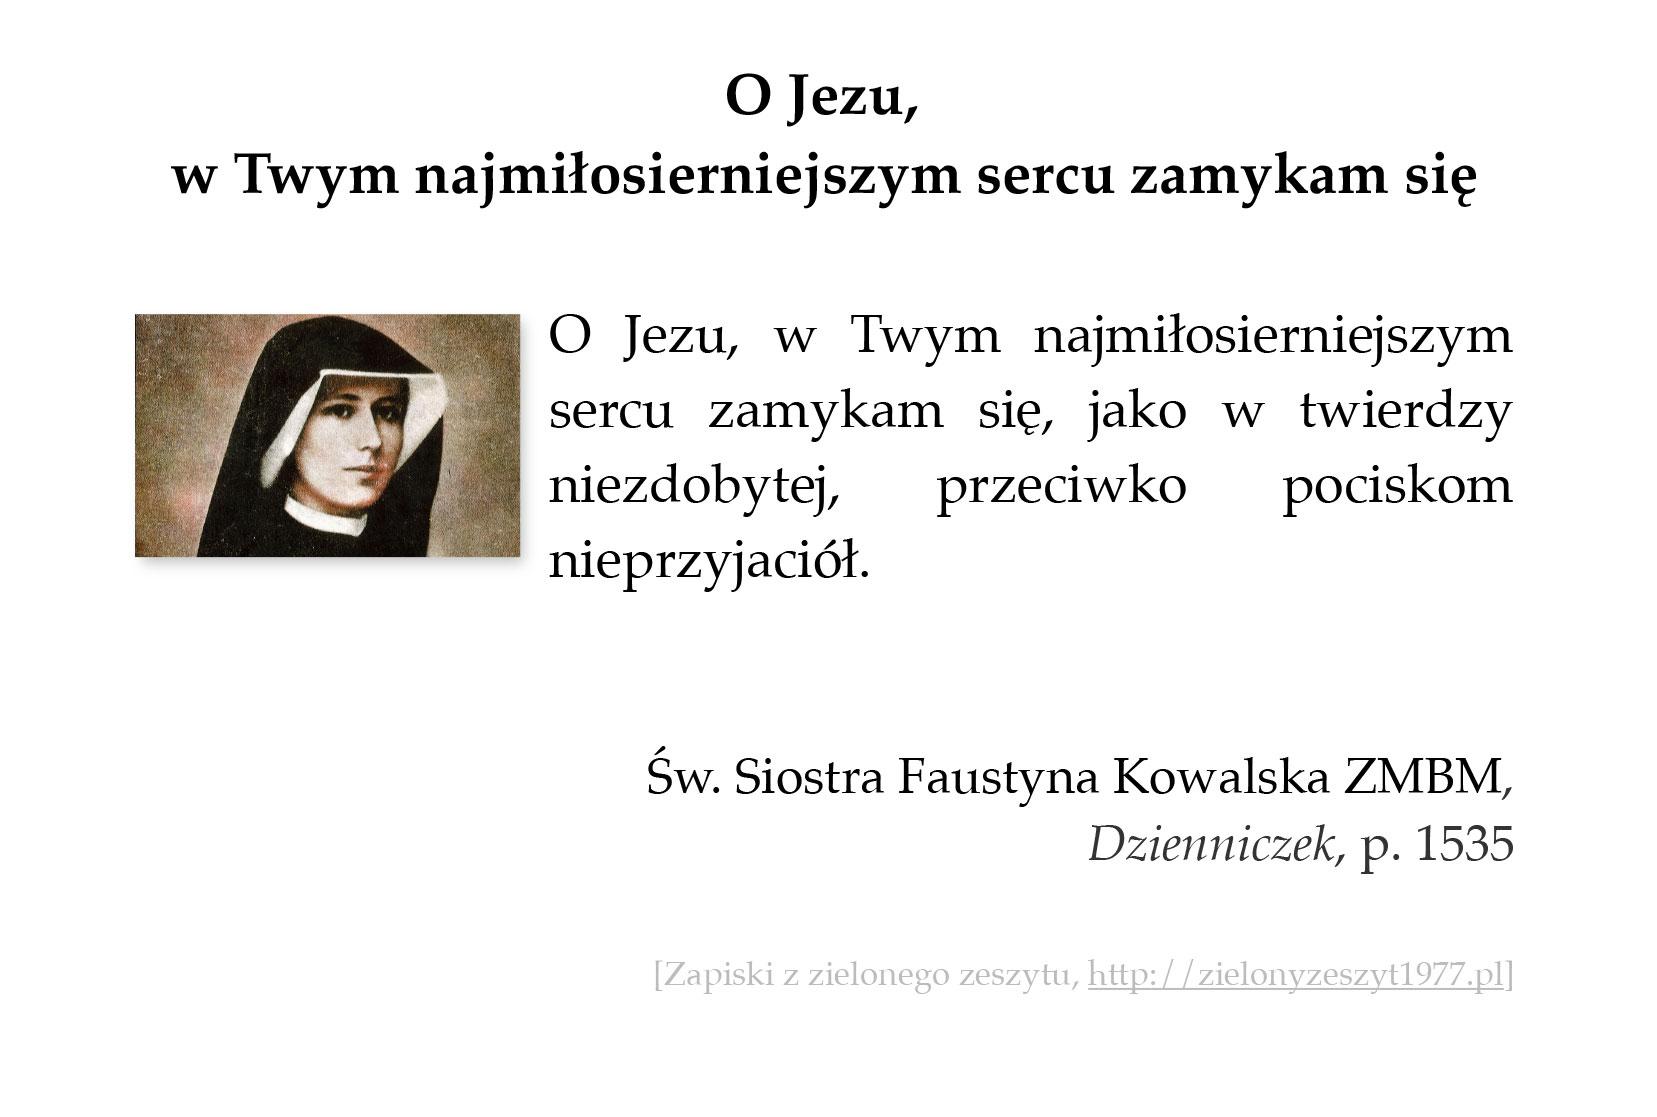 O Jezu, w Twym najmiłosierniejszym sercu zamykam się; św. Faustyna Kowalska